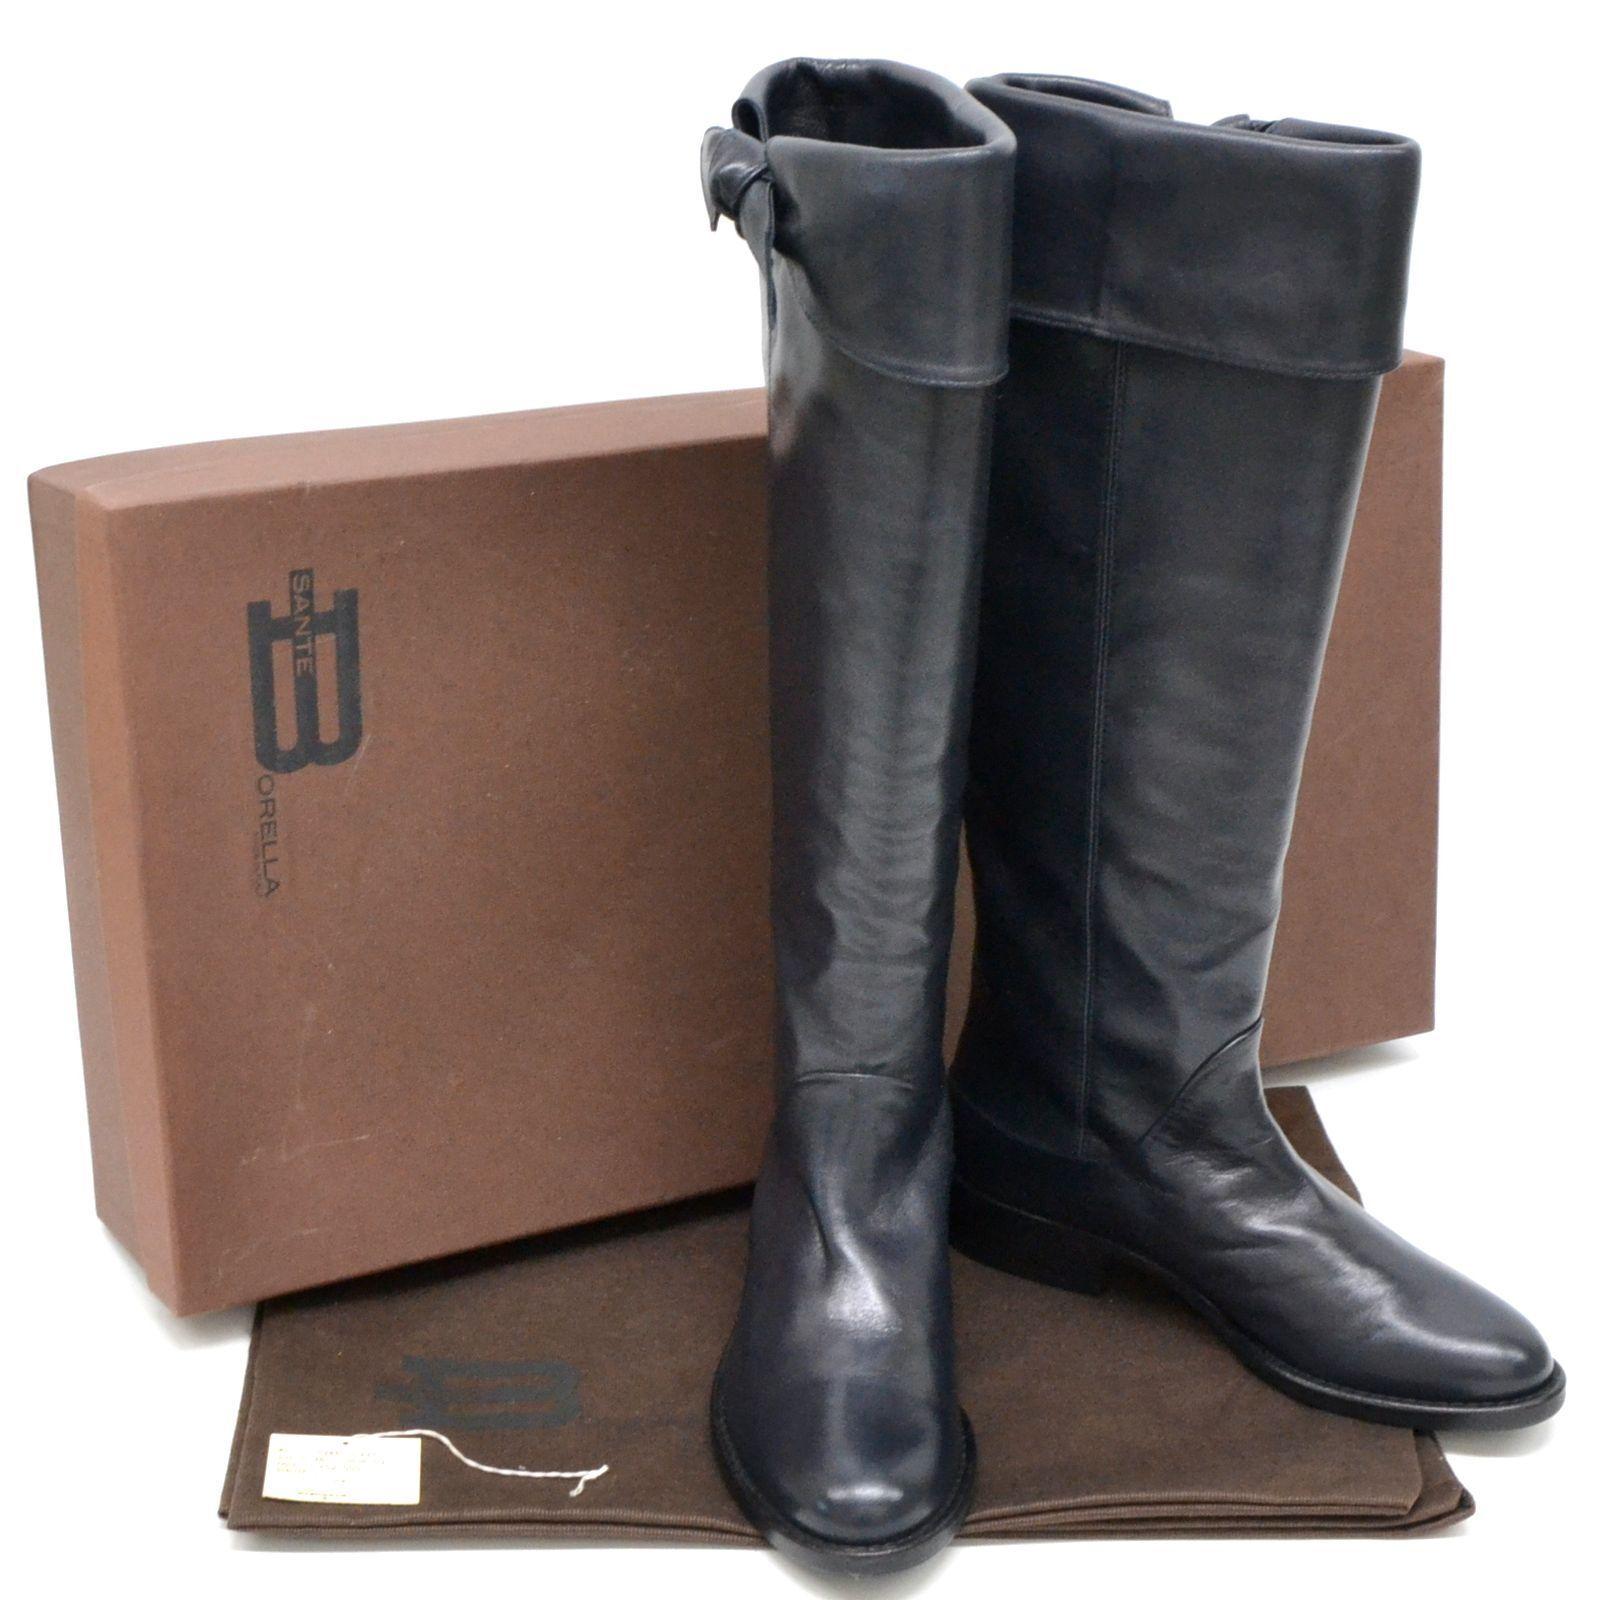 Auténtico Sante negro Borella Cuero Zapatos Botas Tacones larga negro Sante de la cinta de mujer 36 a4d59f